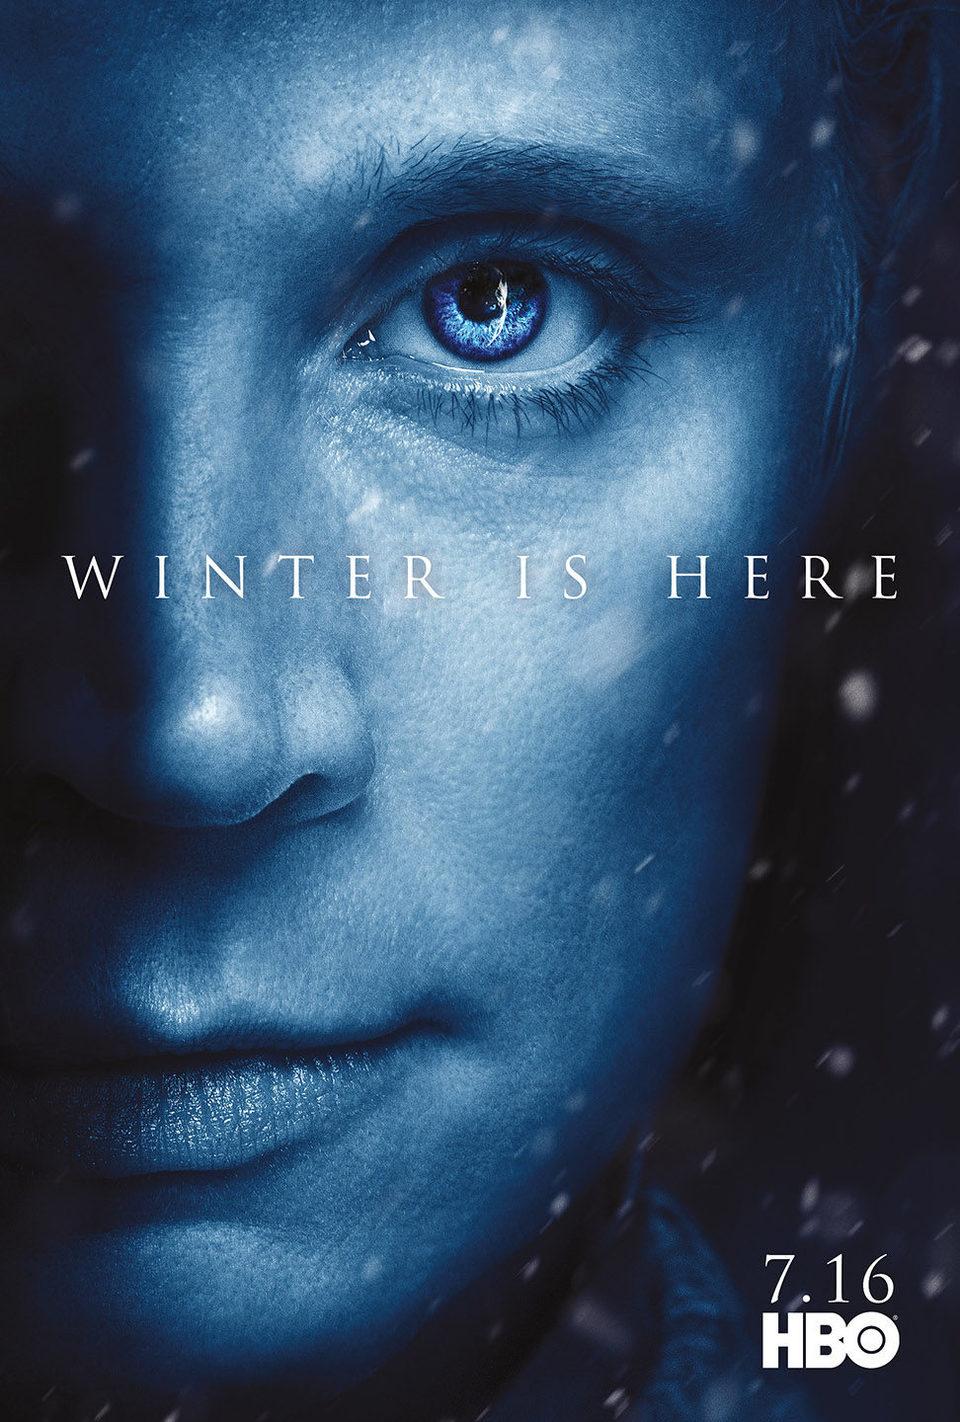 Cartel Temporada 7 Brienne de 'Juego de Tronos'